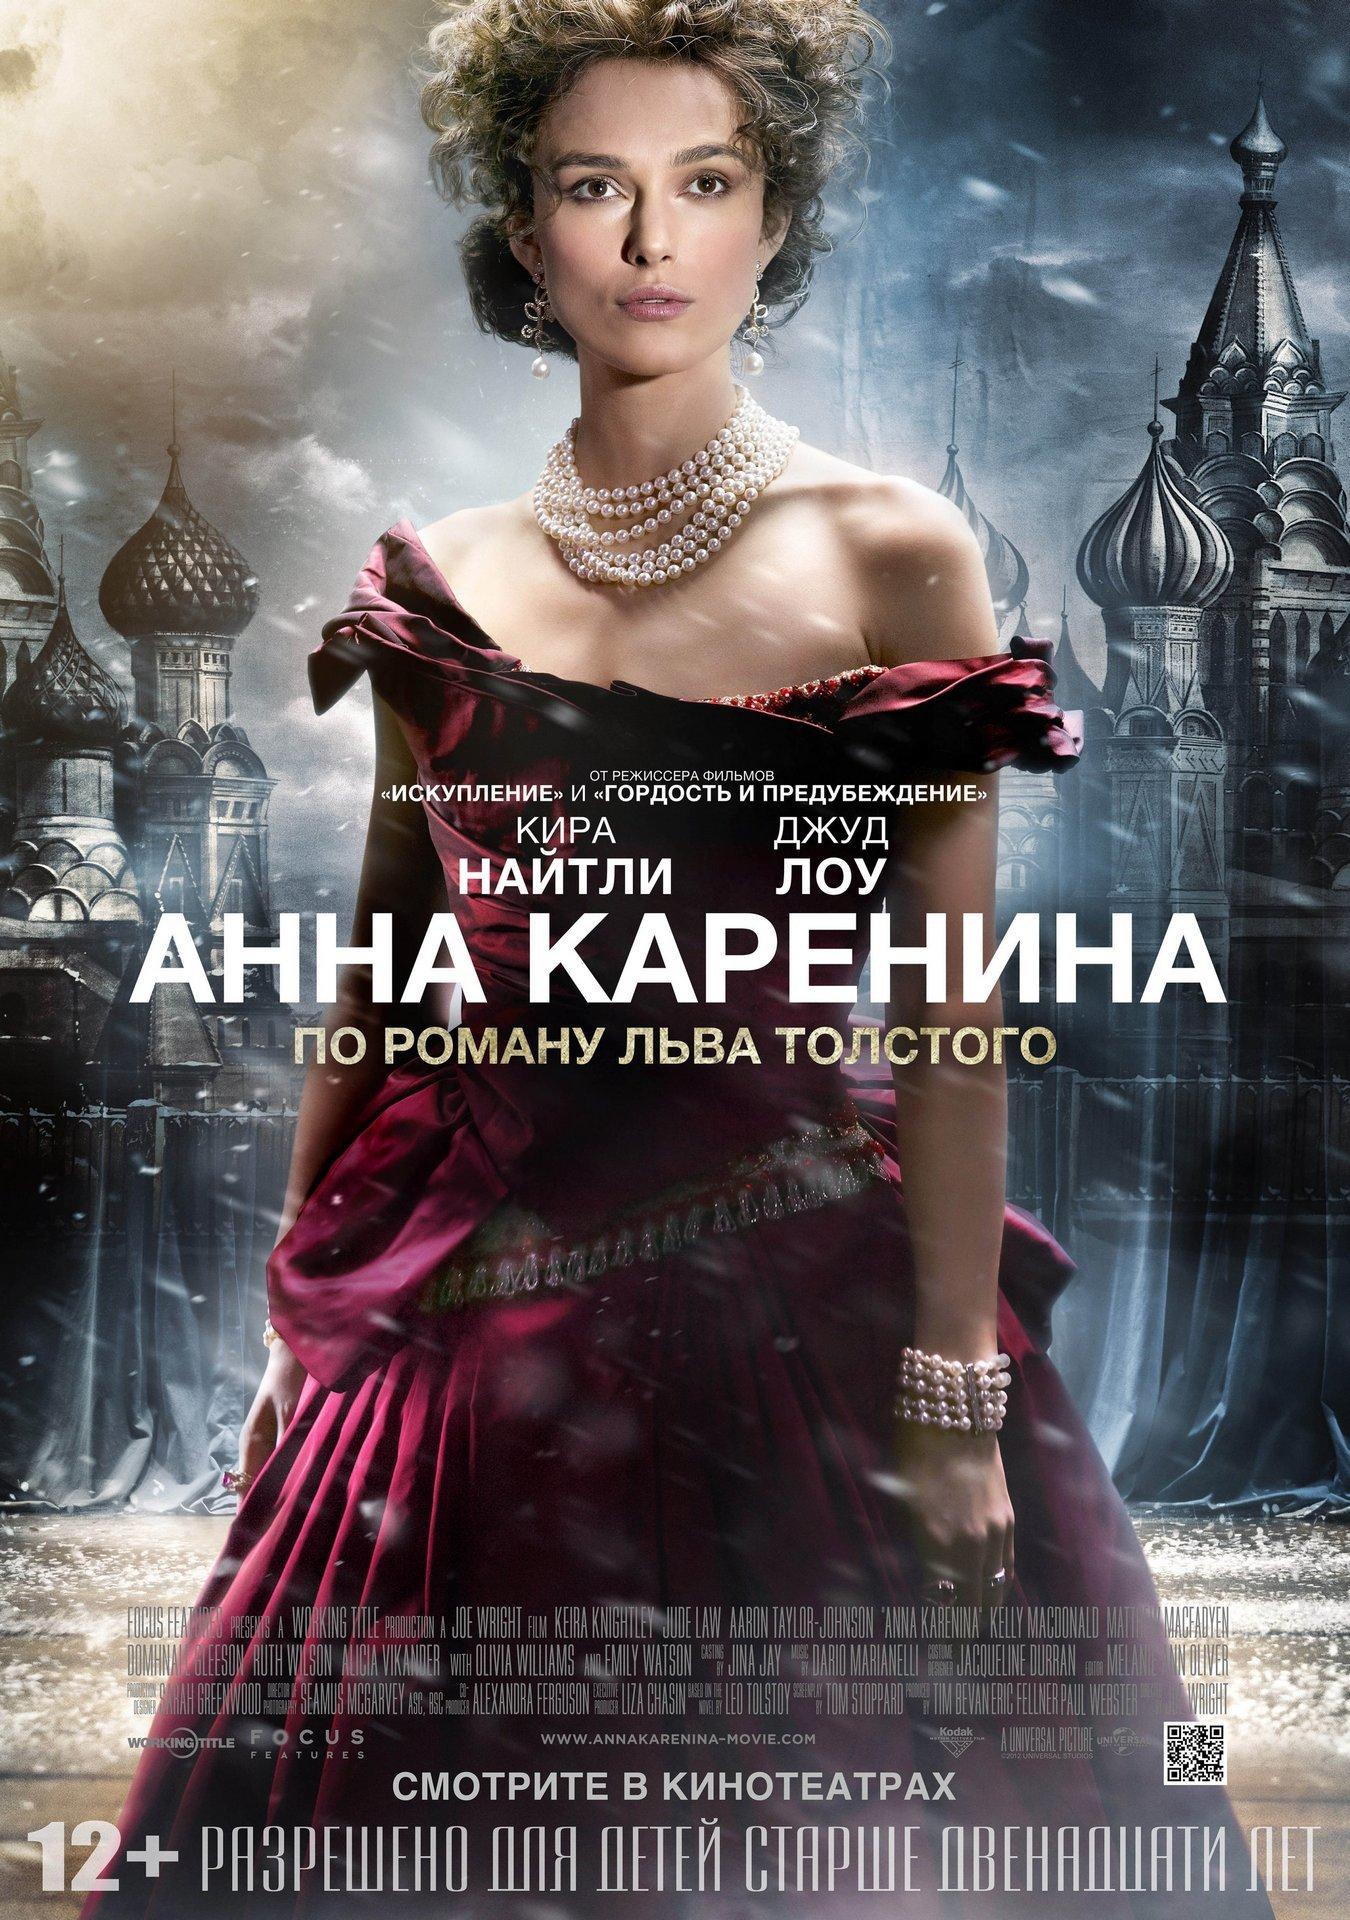 Анна каренина 1 2 серия. (сериал 2017) анонс содержание серий.